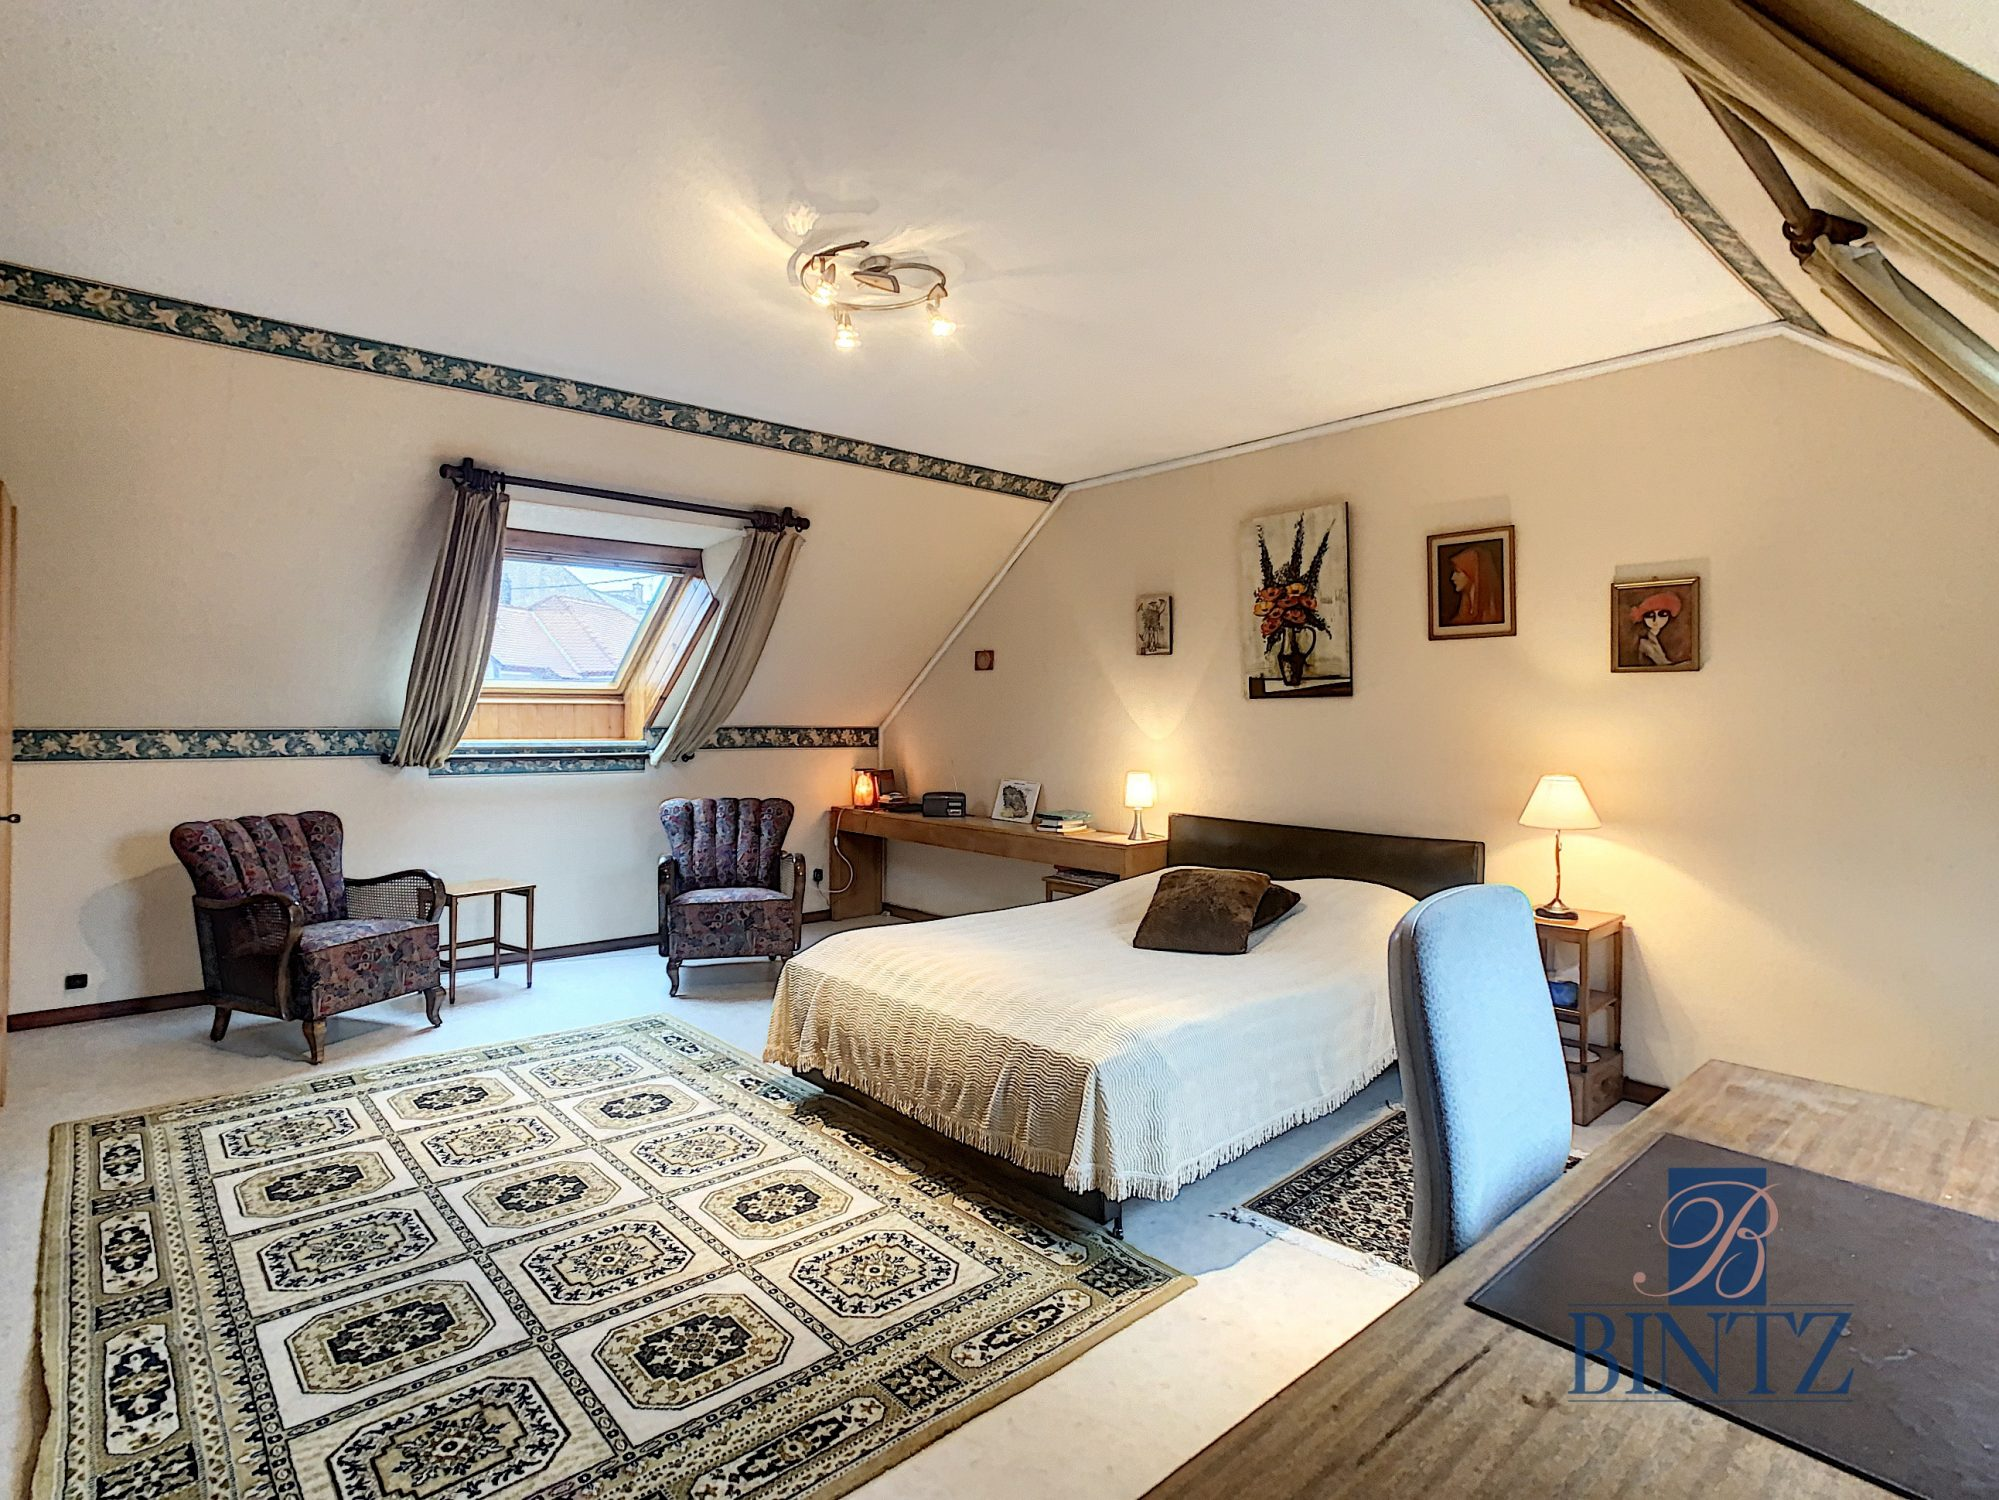 Maison 6 pièces de 157m2 à Strasbourg - Devenez propriétaire en toute confiance - Bintz Immobilier - 7